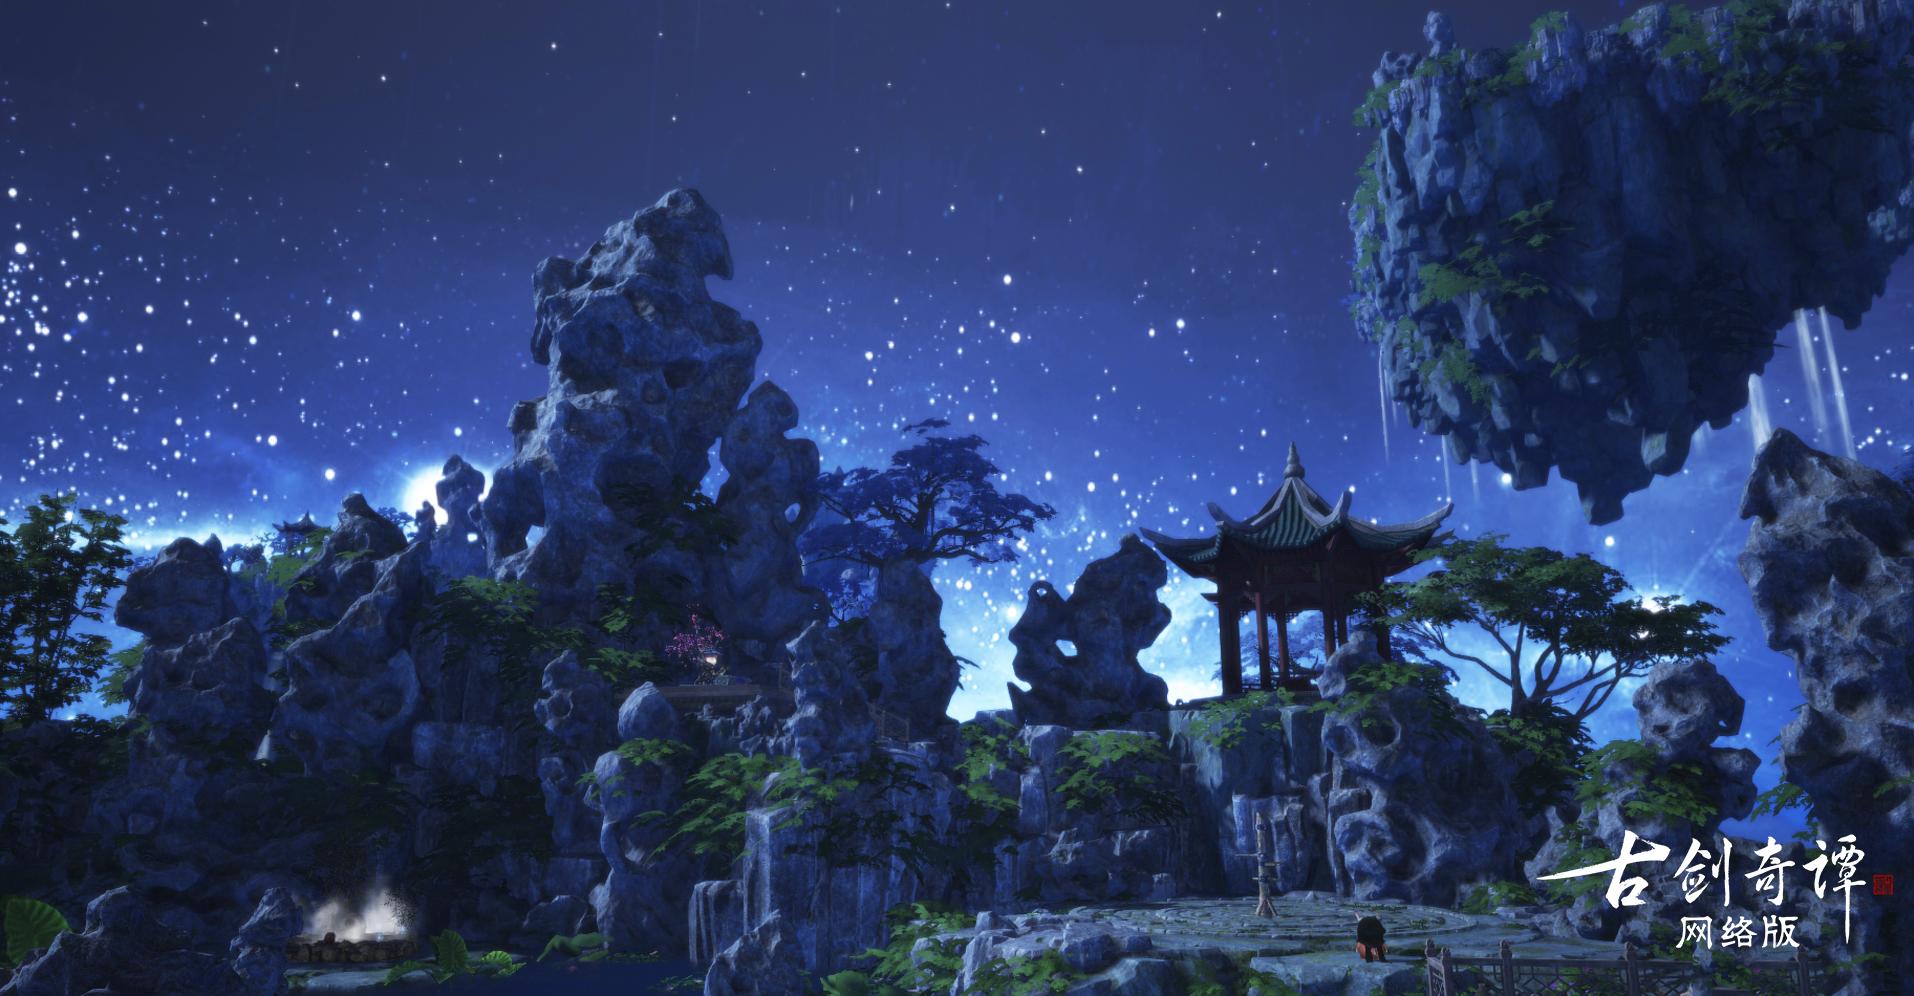 图005仙府夜空繁星点点.jpg